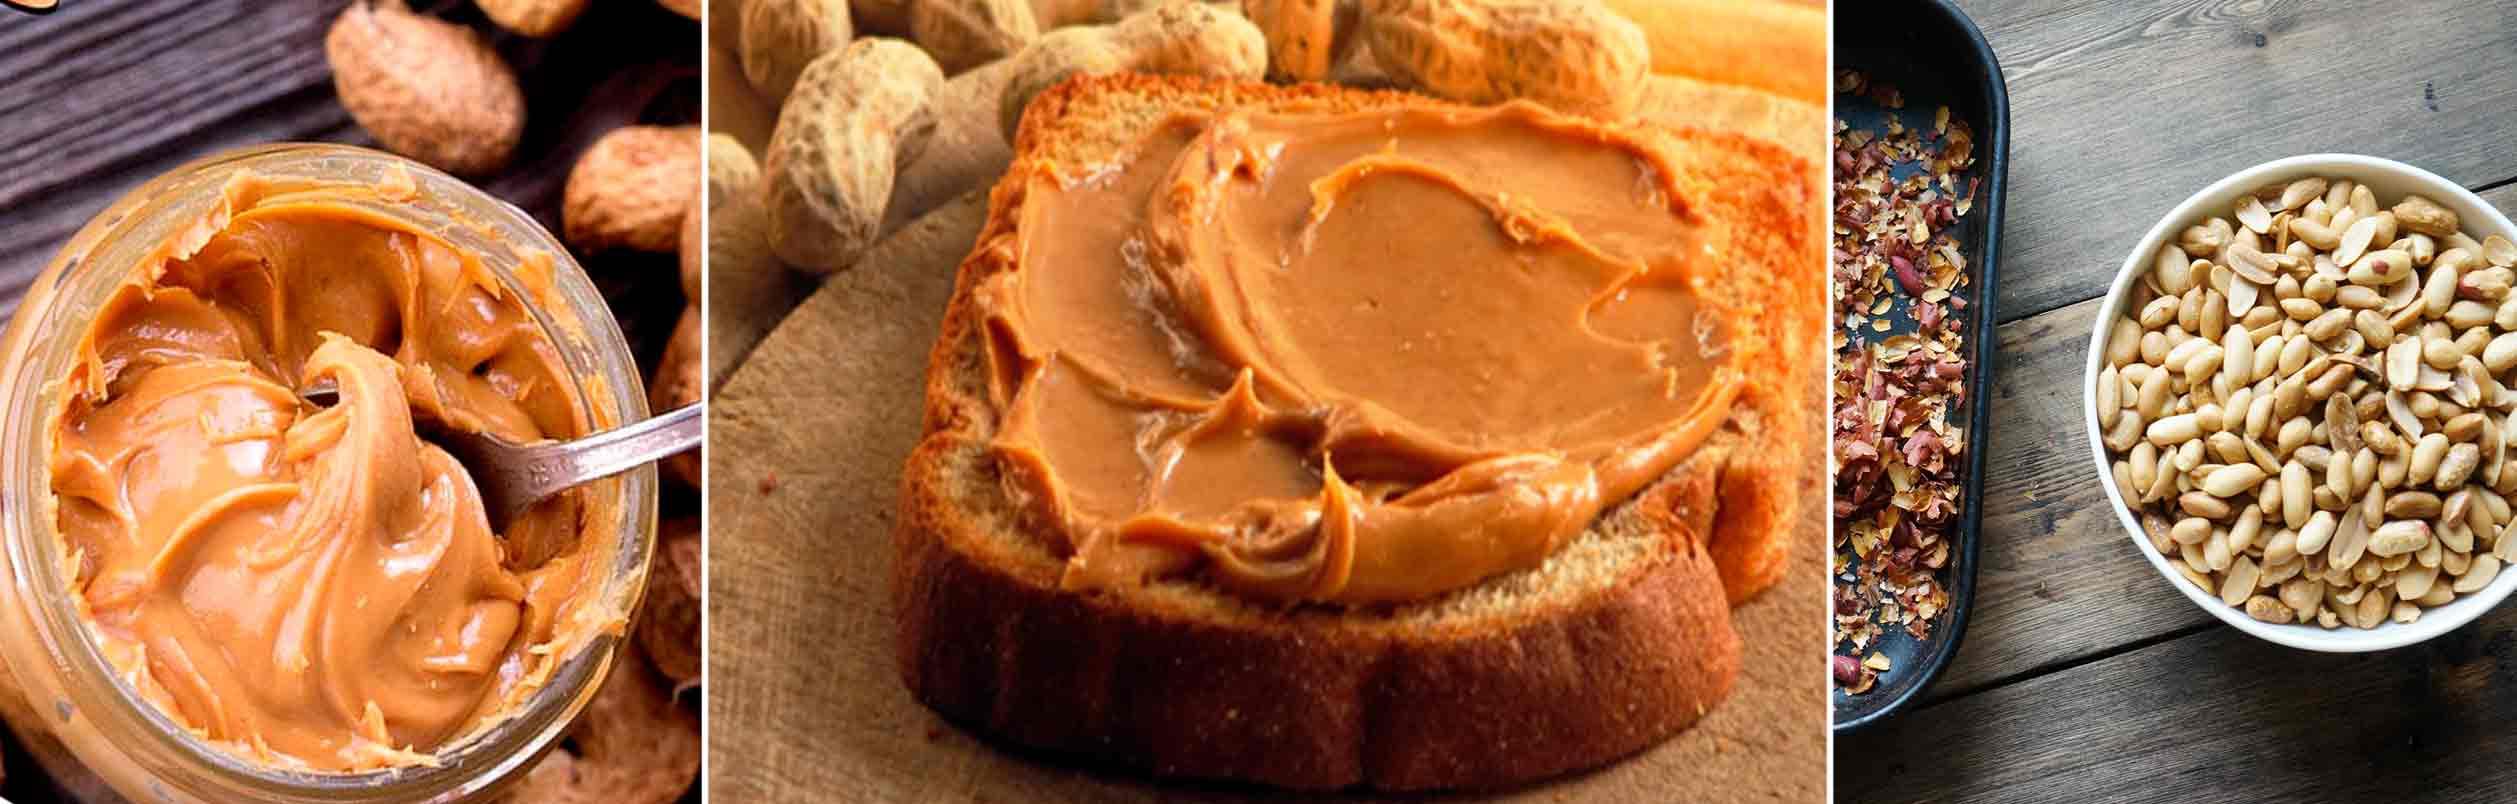 Арахисовая паста - калорийность и свойства. польза и вред арахисовой пасты